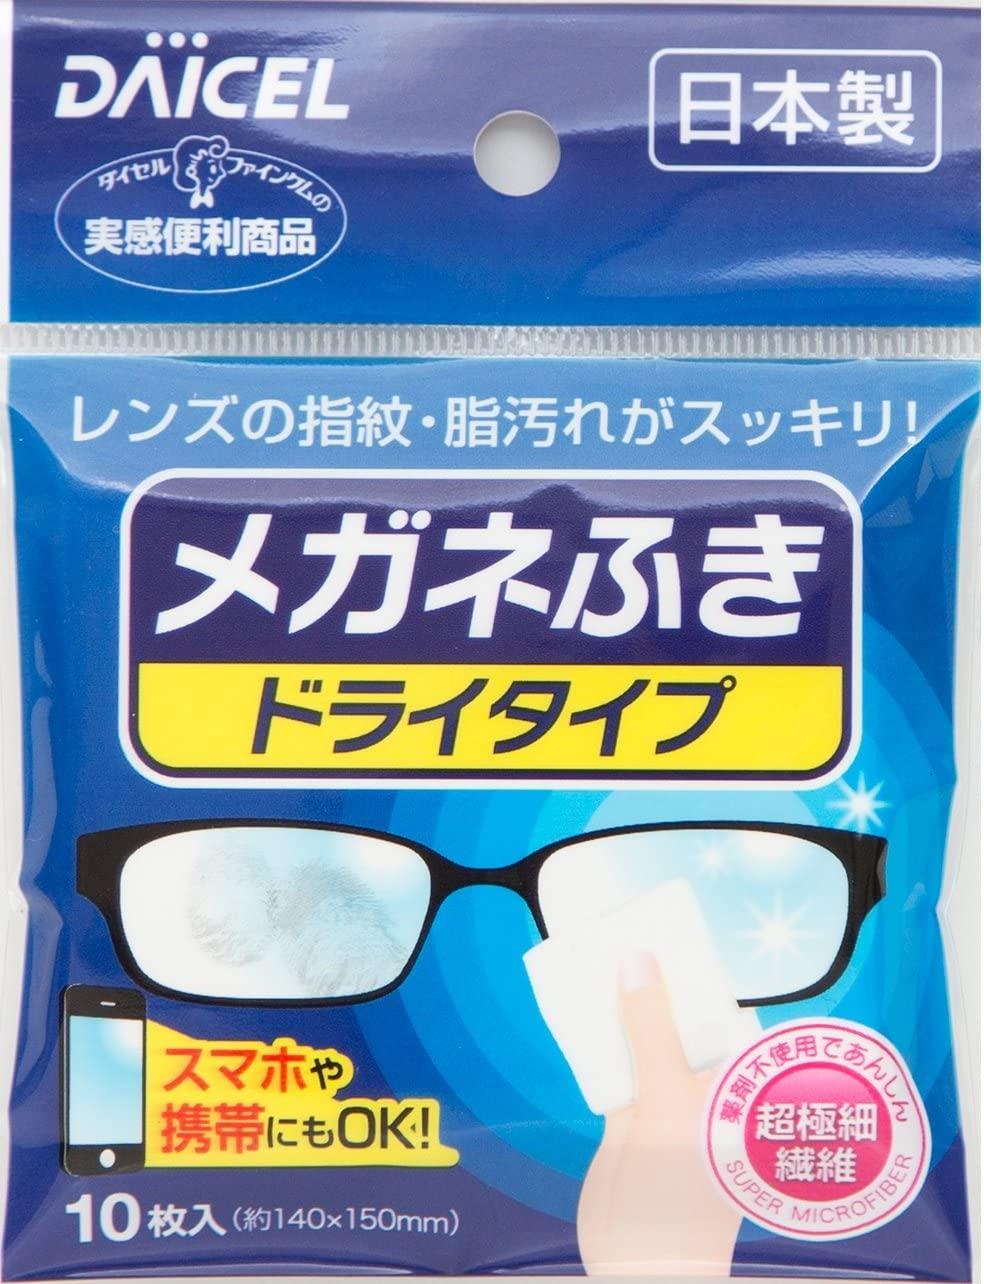 眼鏡レンズ 汚れ拭き 超極細繊維 旅行などにも ダイセル メガネ拭き ドライタイプ 購買 おすすめ メガネクリーナー 携帯 めがねふき クロス めがね備品 お試し 激安格安割引情報満載 使い捨て 10枚入